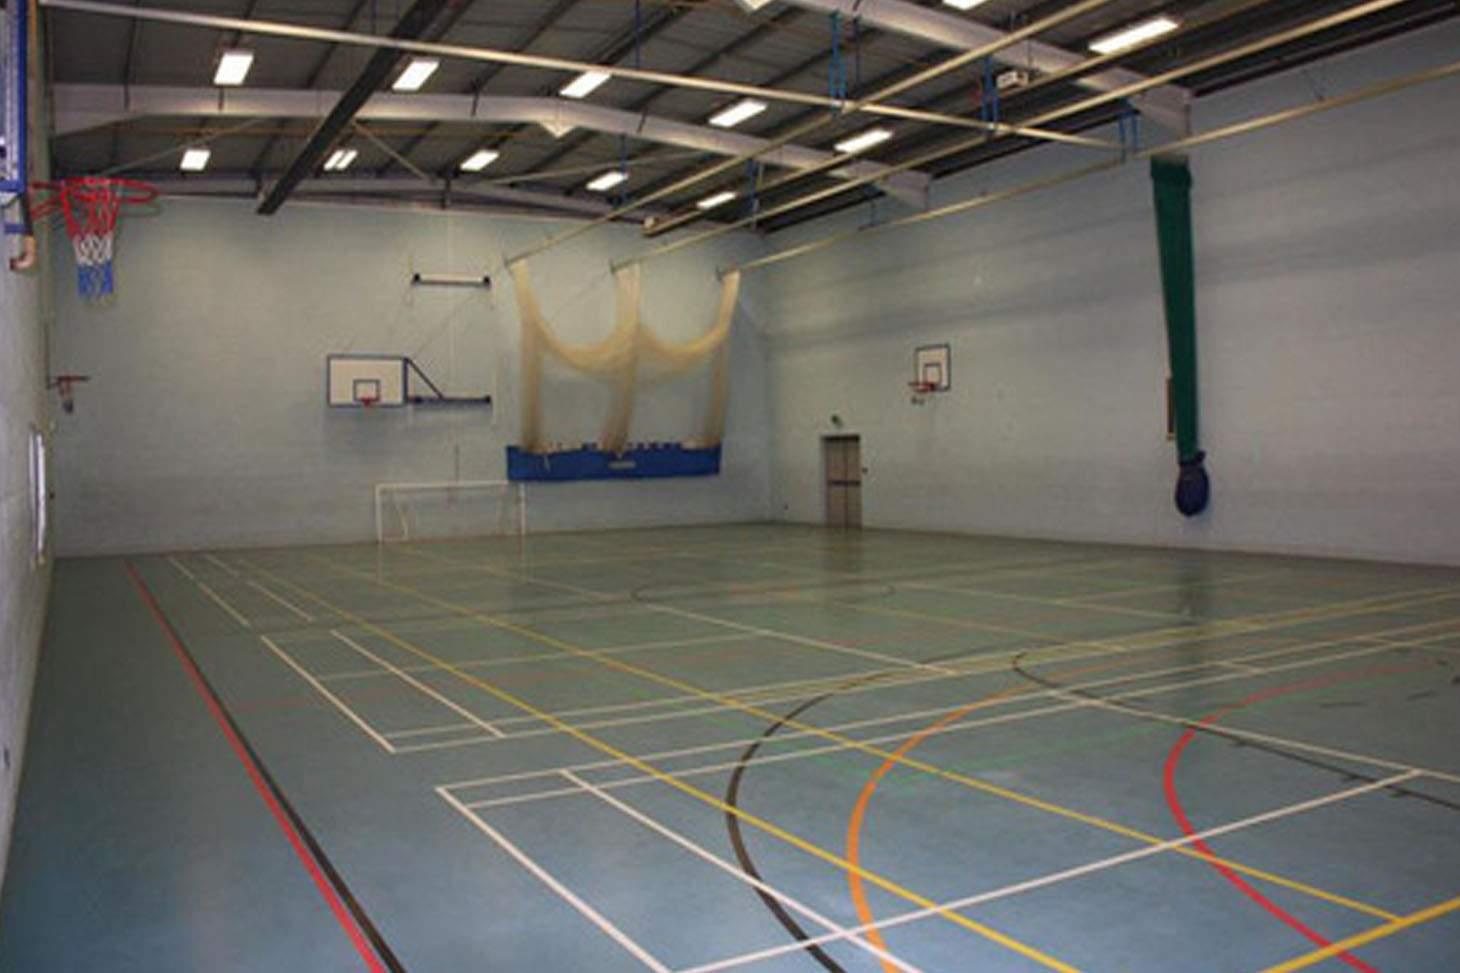 Bishop Rawstorne CE Academy Indoor badminton court